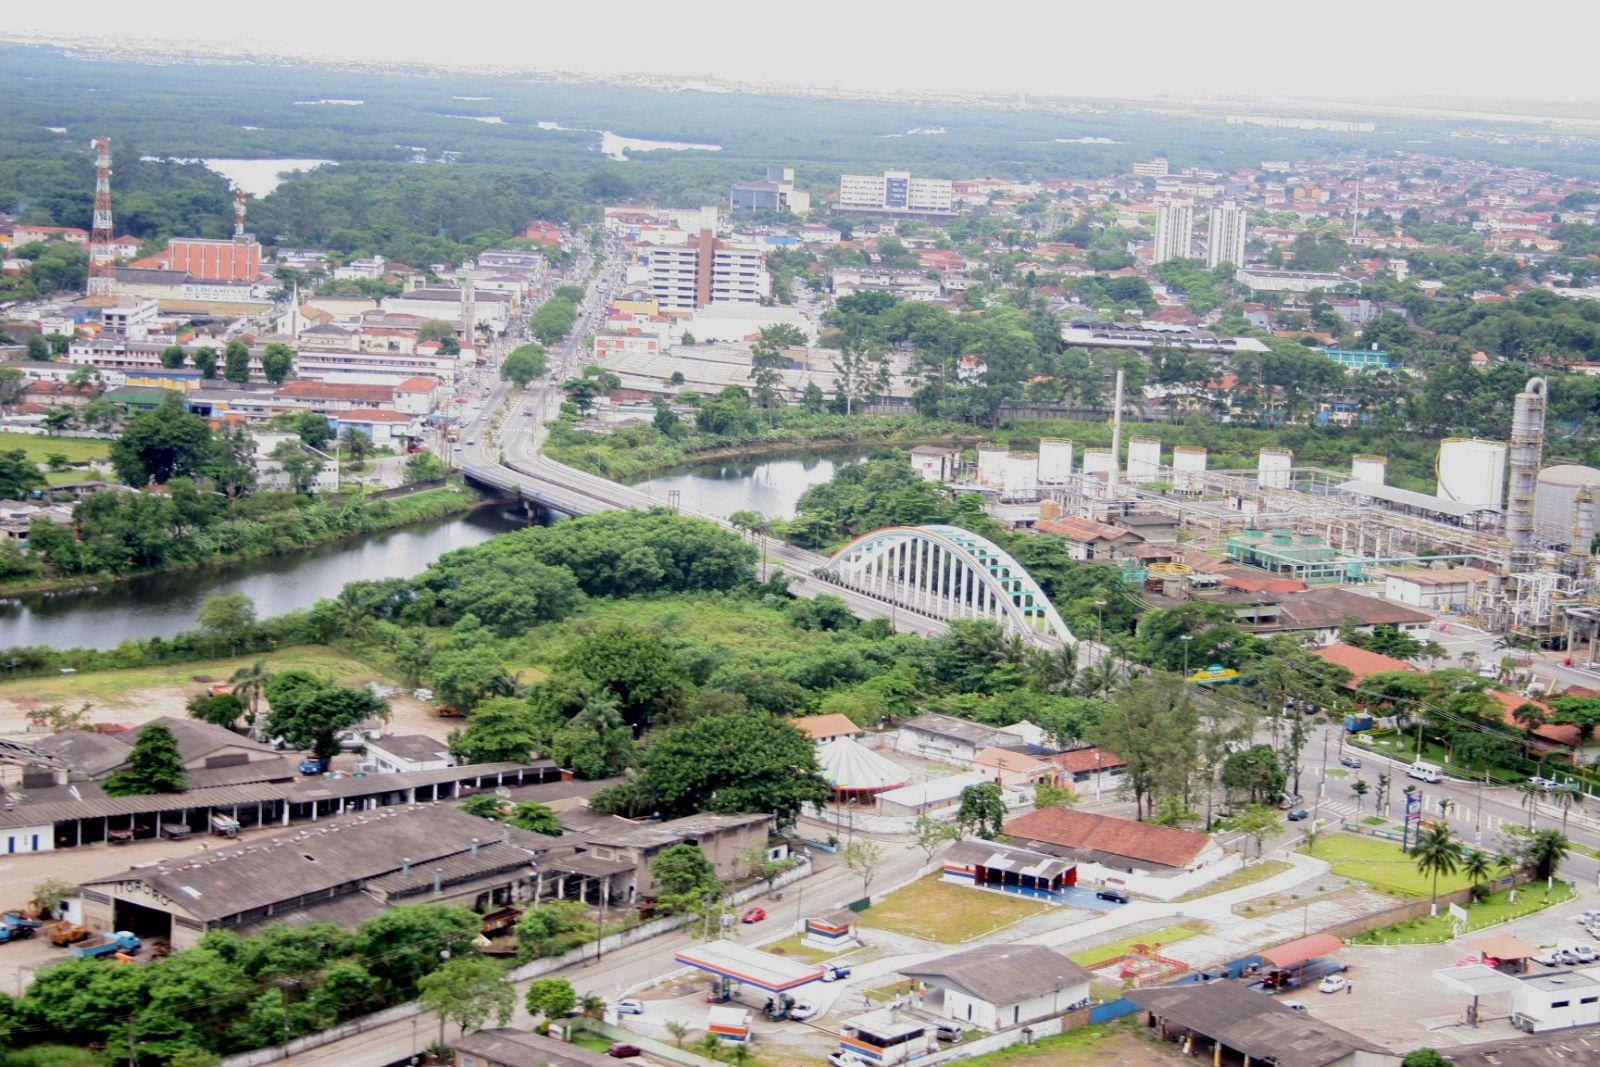 Vista áerea de Cubatão - imagem da Secretaria de Comunicação da Prefeitura